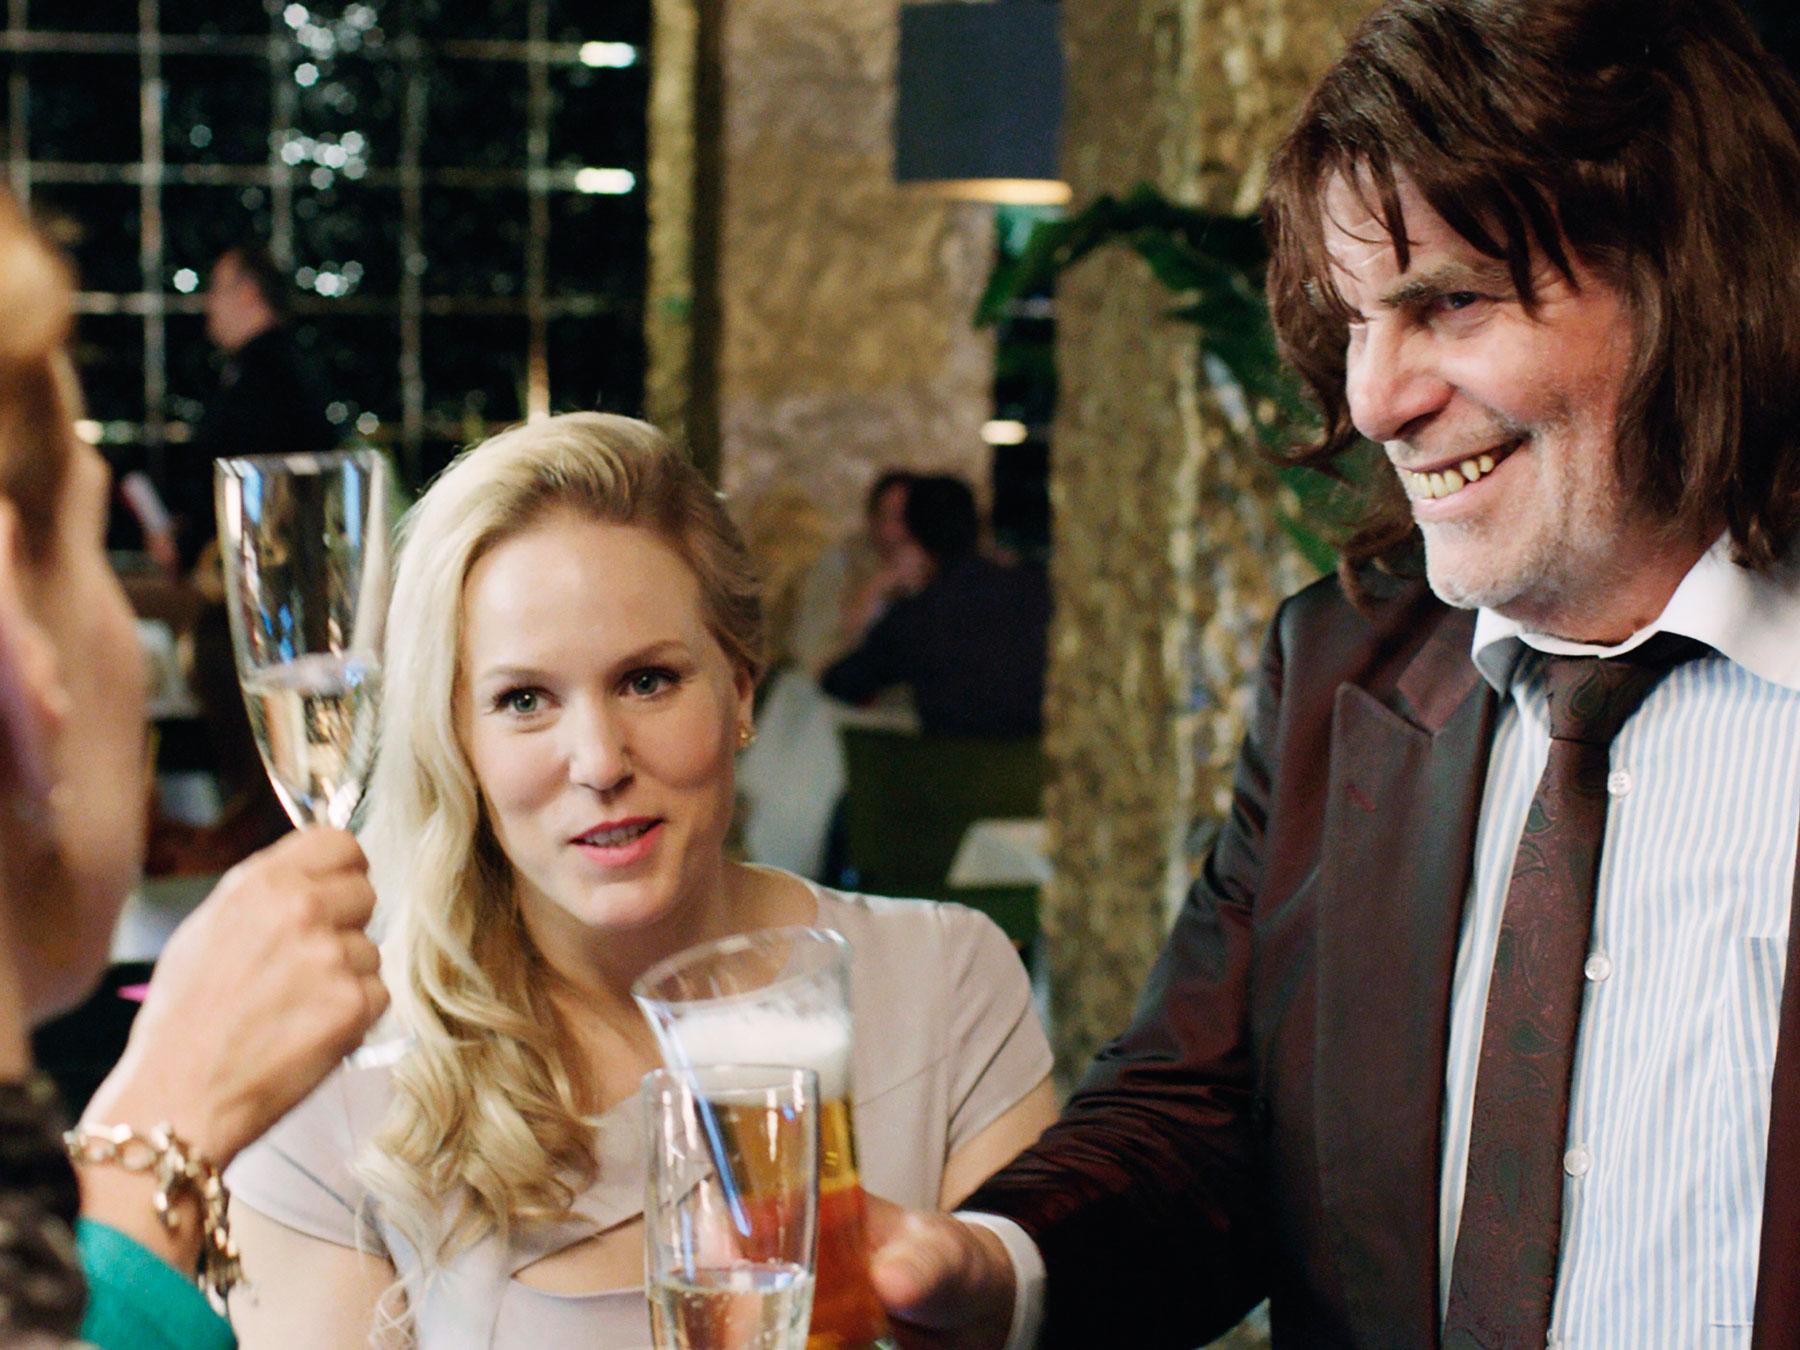 Regisseurin Maren Ade: Volles Kino ist wunderbar